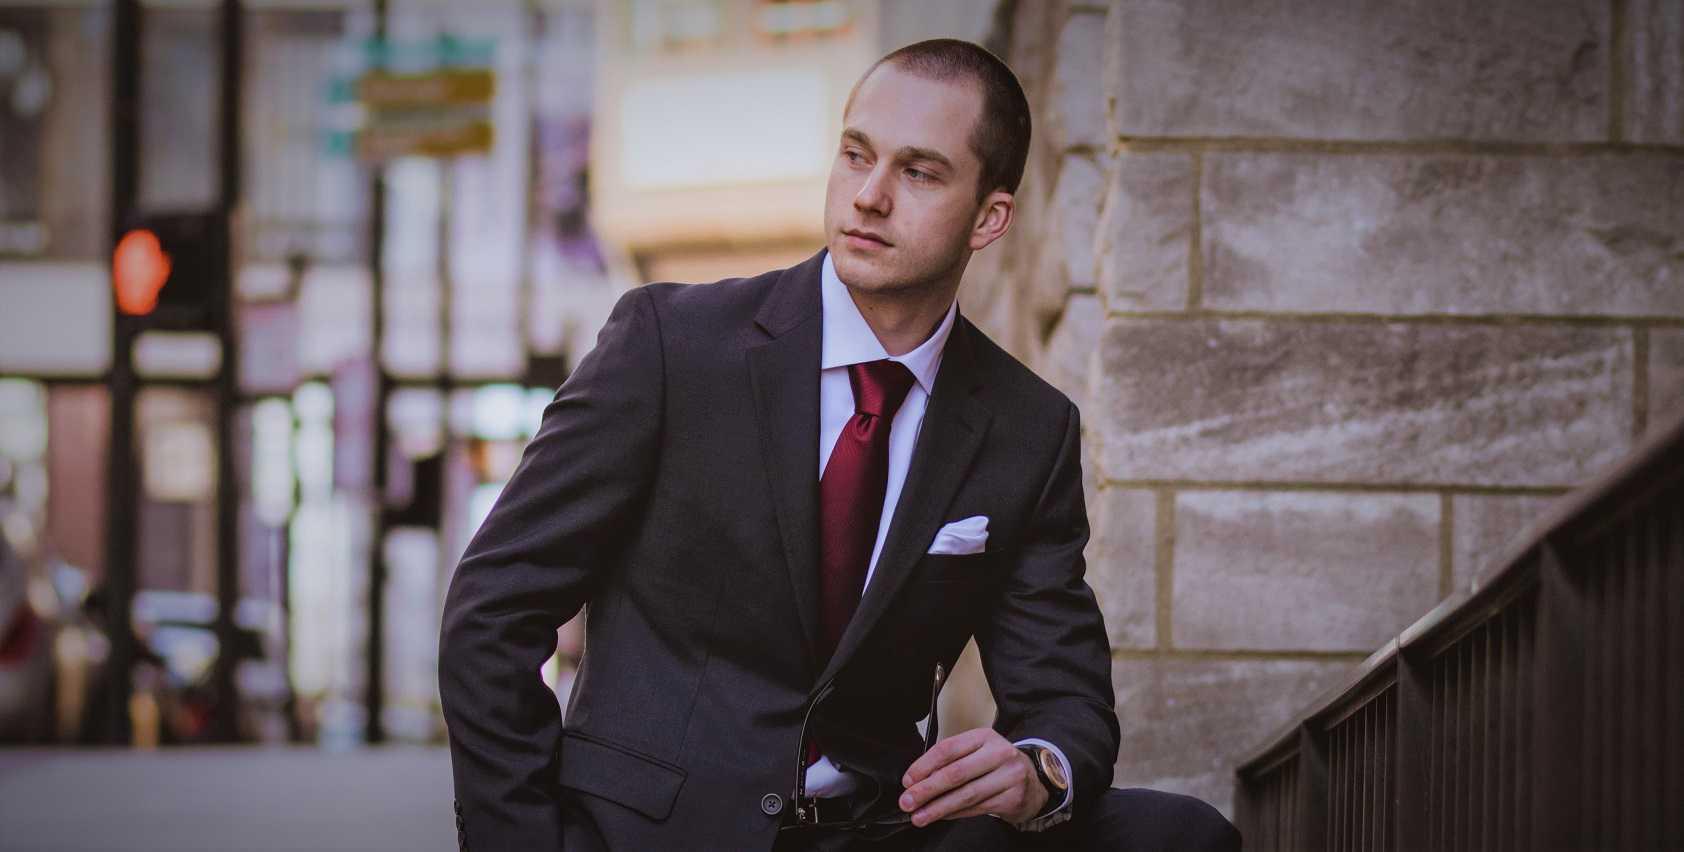 Red tie - GurusWay.com